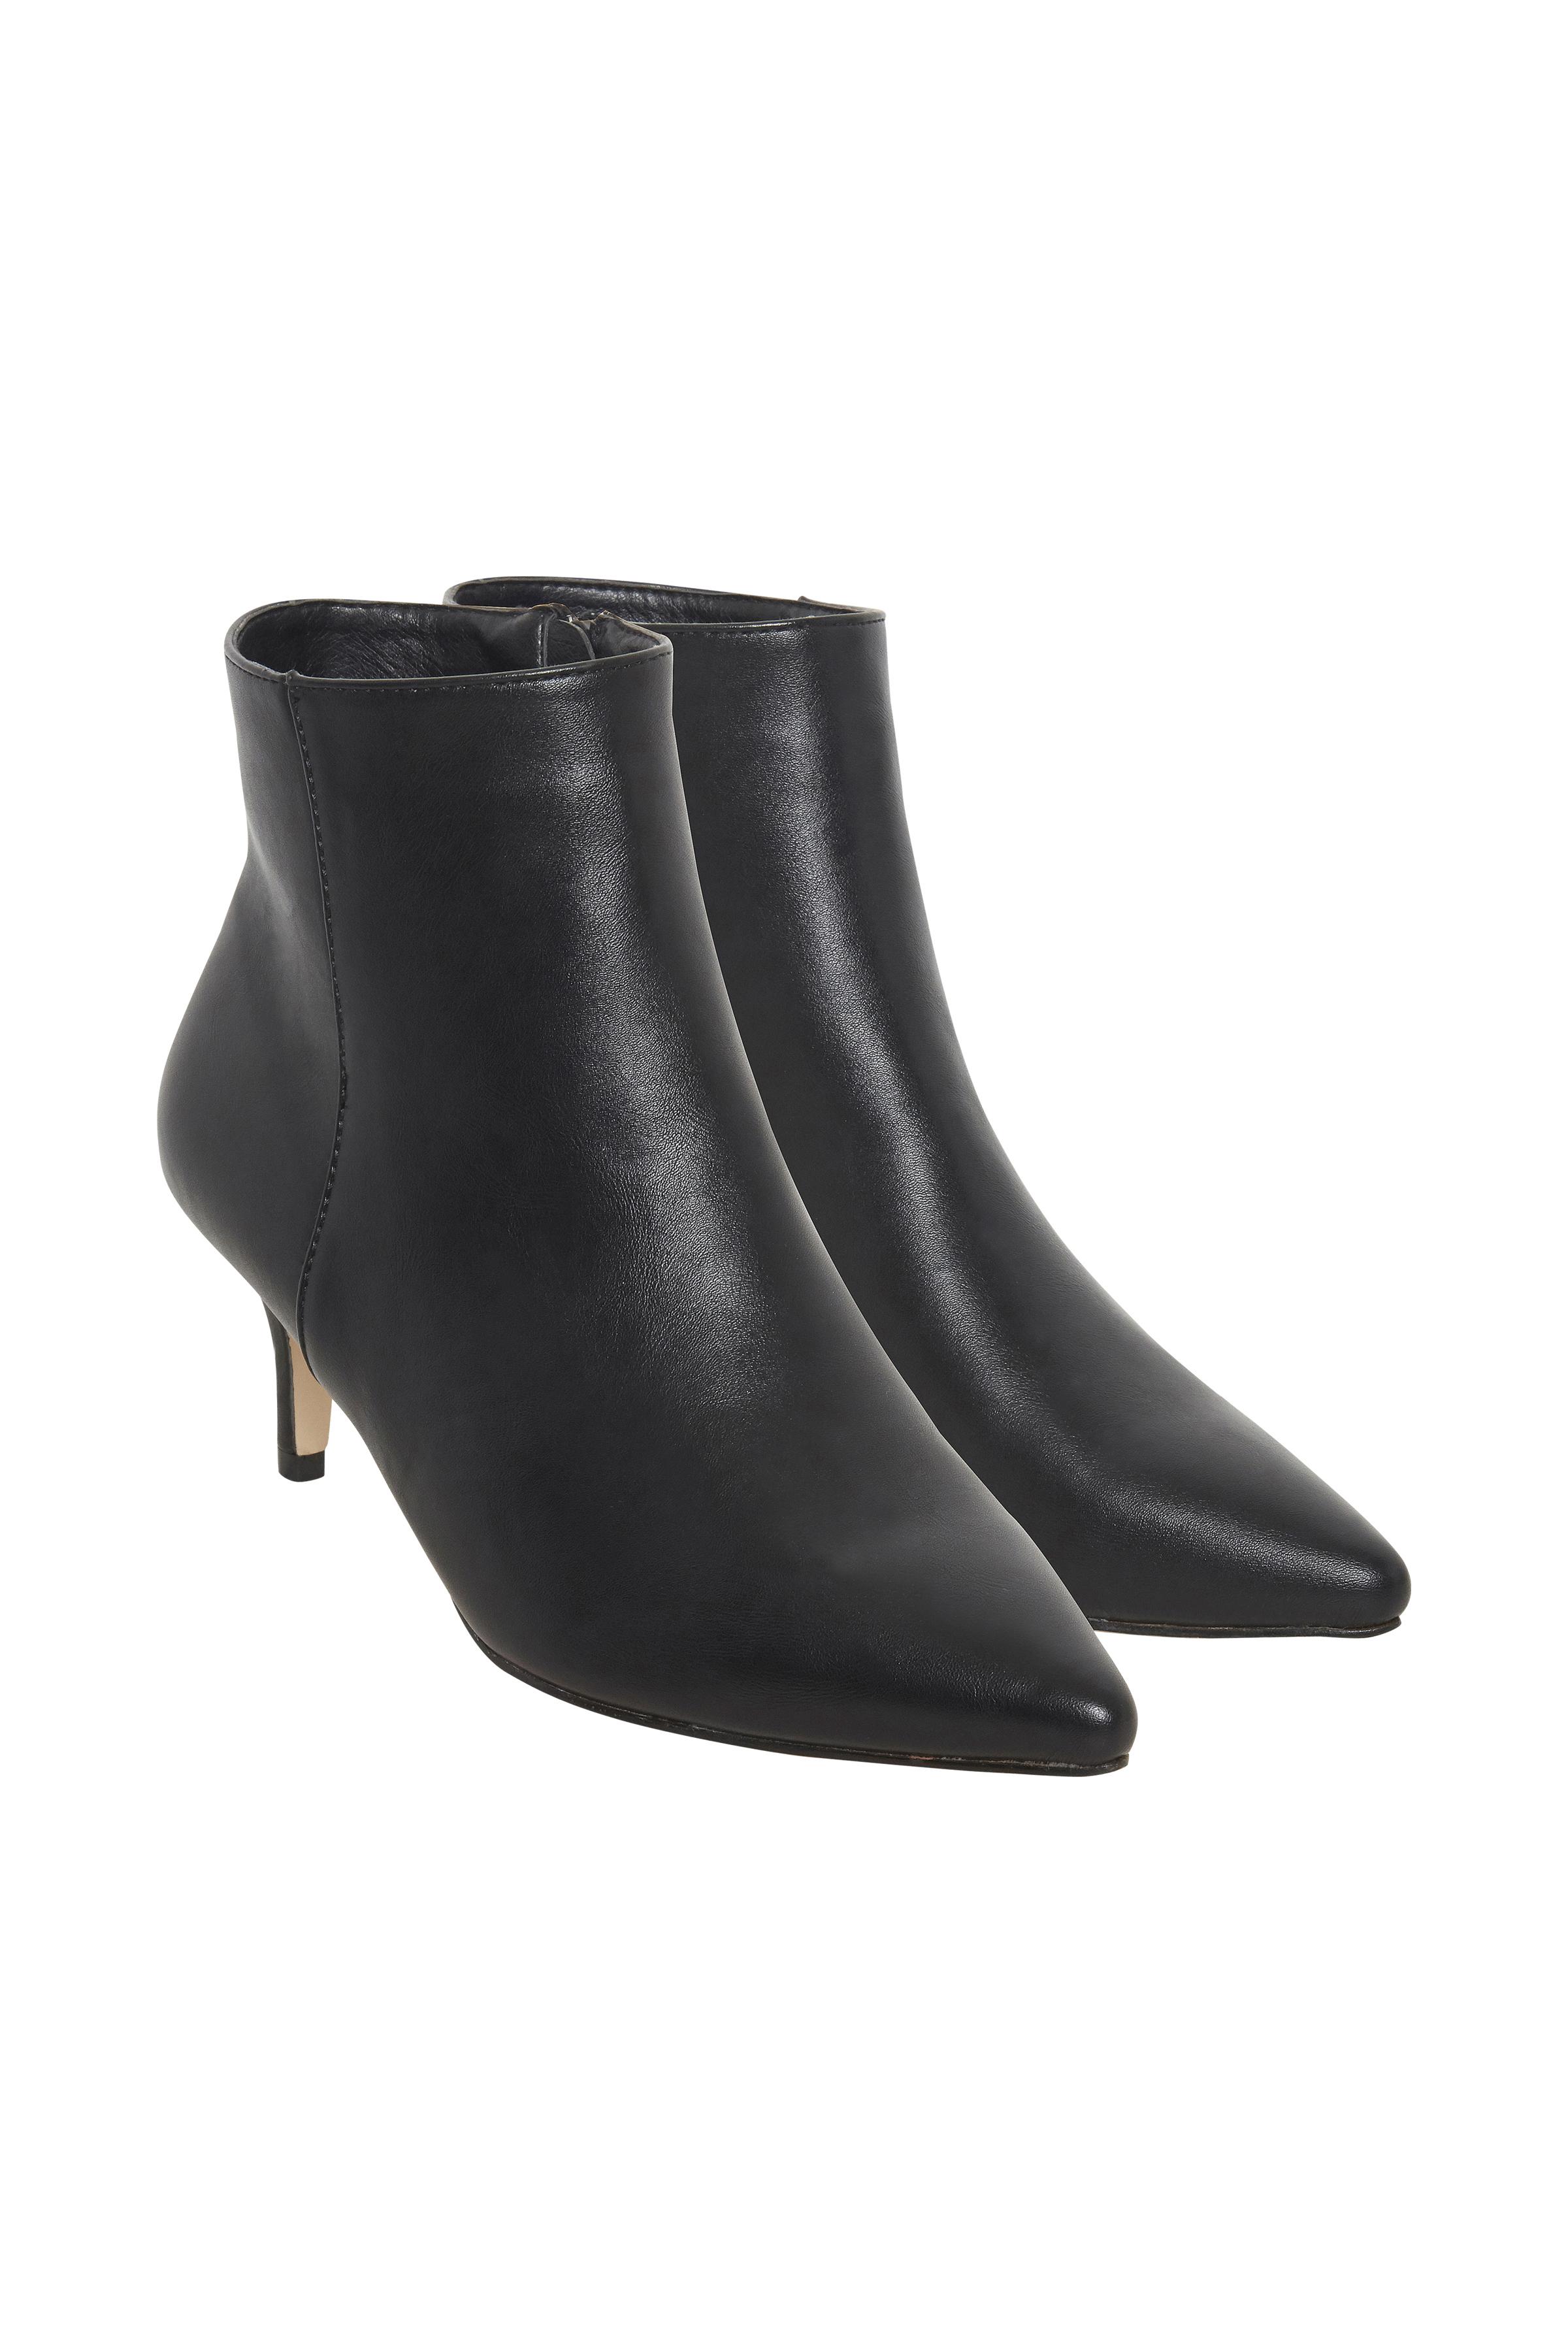 Schwarz Schuh von Ichi - accessories – Shoppen Sie Schwarz Schuh ab Gr. 36-41 hier